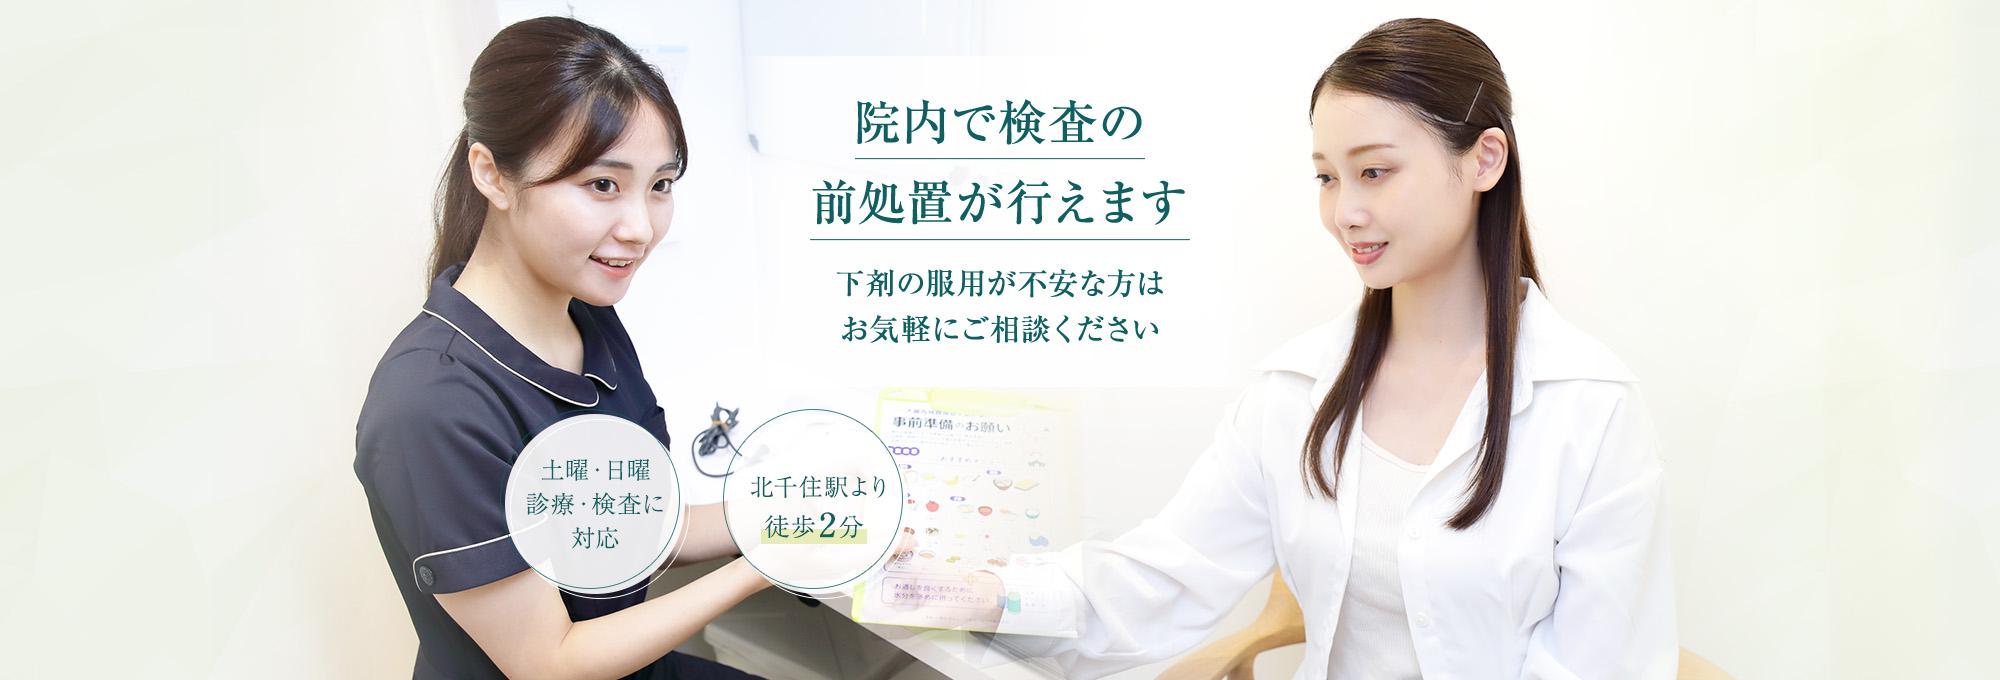 院内で検査の前処置が行えます 下剤の服用が不安な方はお気軽にご相談ください